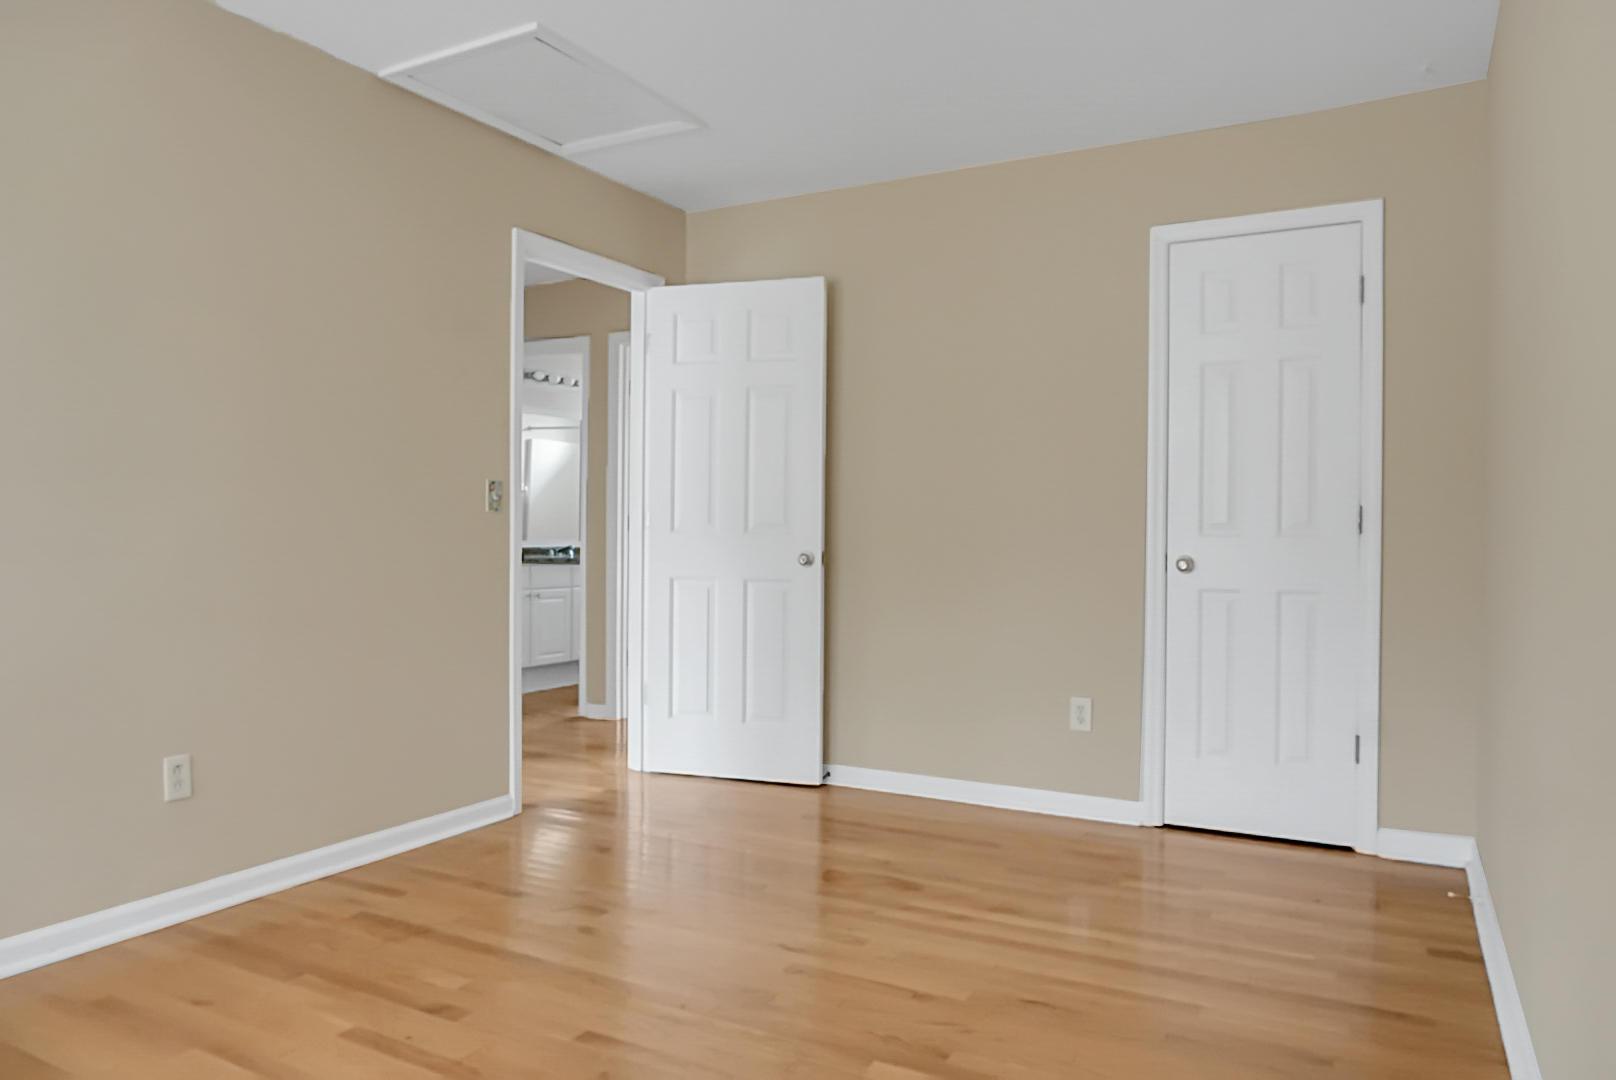 Dunes West Homes For Sale - 3209 Carmel Bay, Mount Pleasant, SC - 11